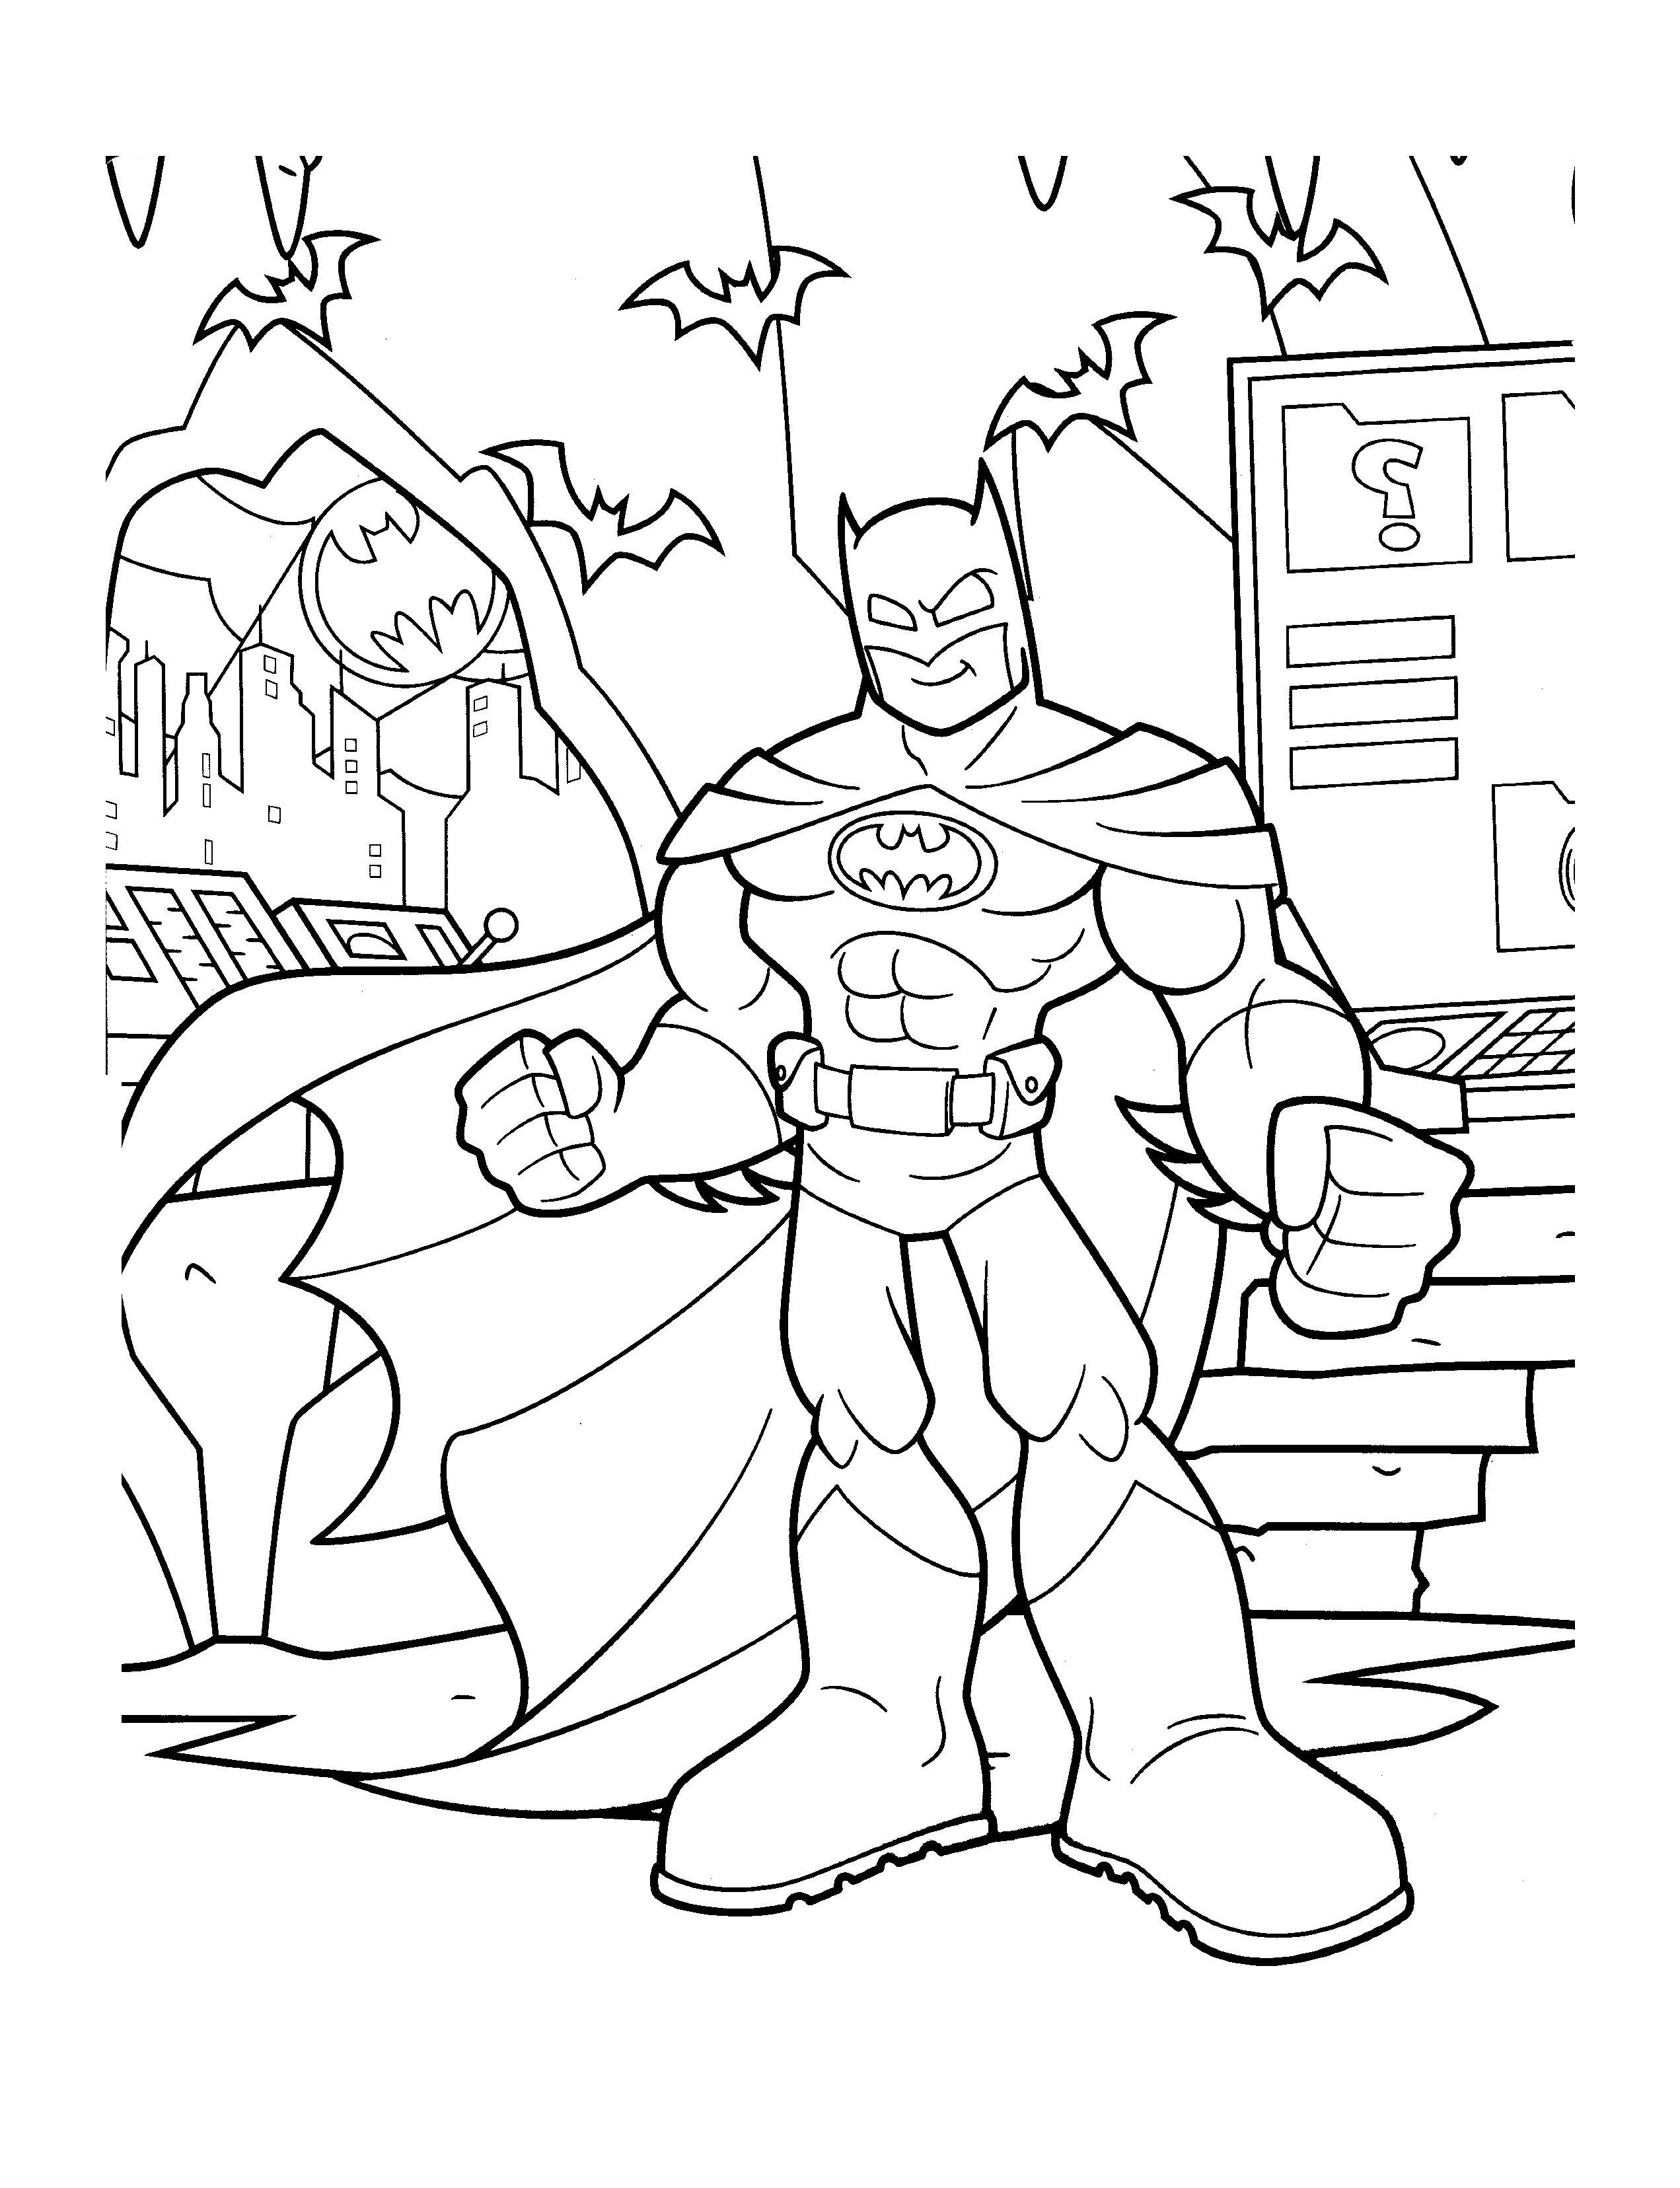 Gratuit batman 1 coloriage batman coloriages pour enfants - Batman gratuit ...